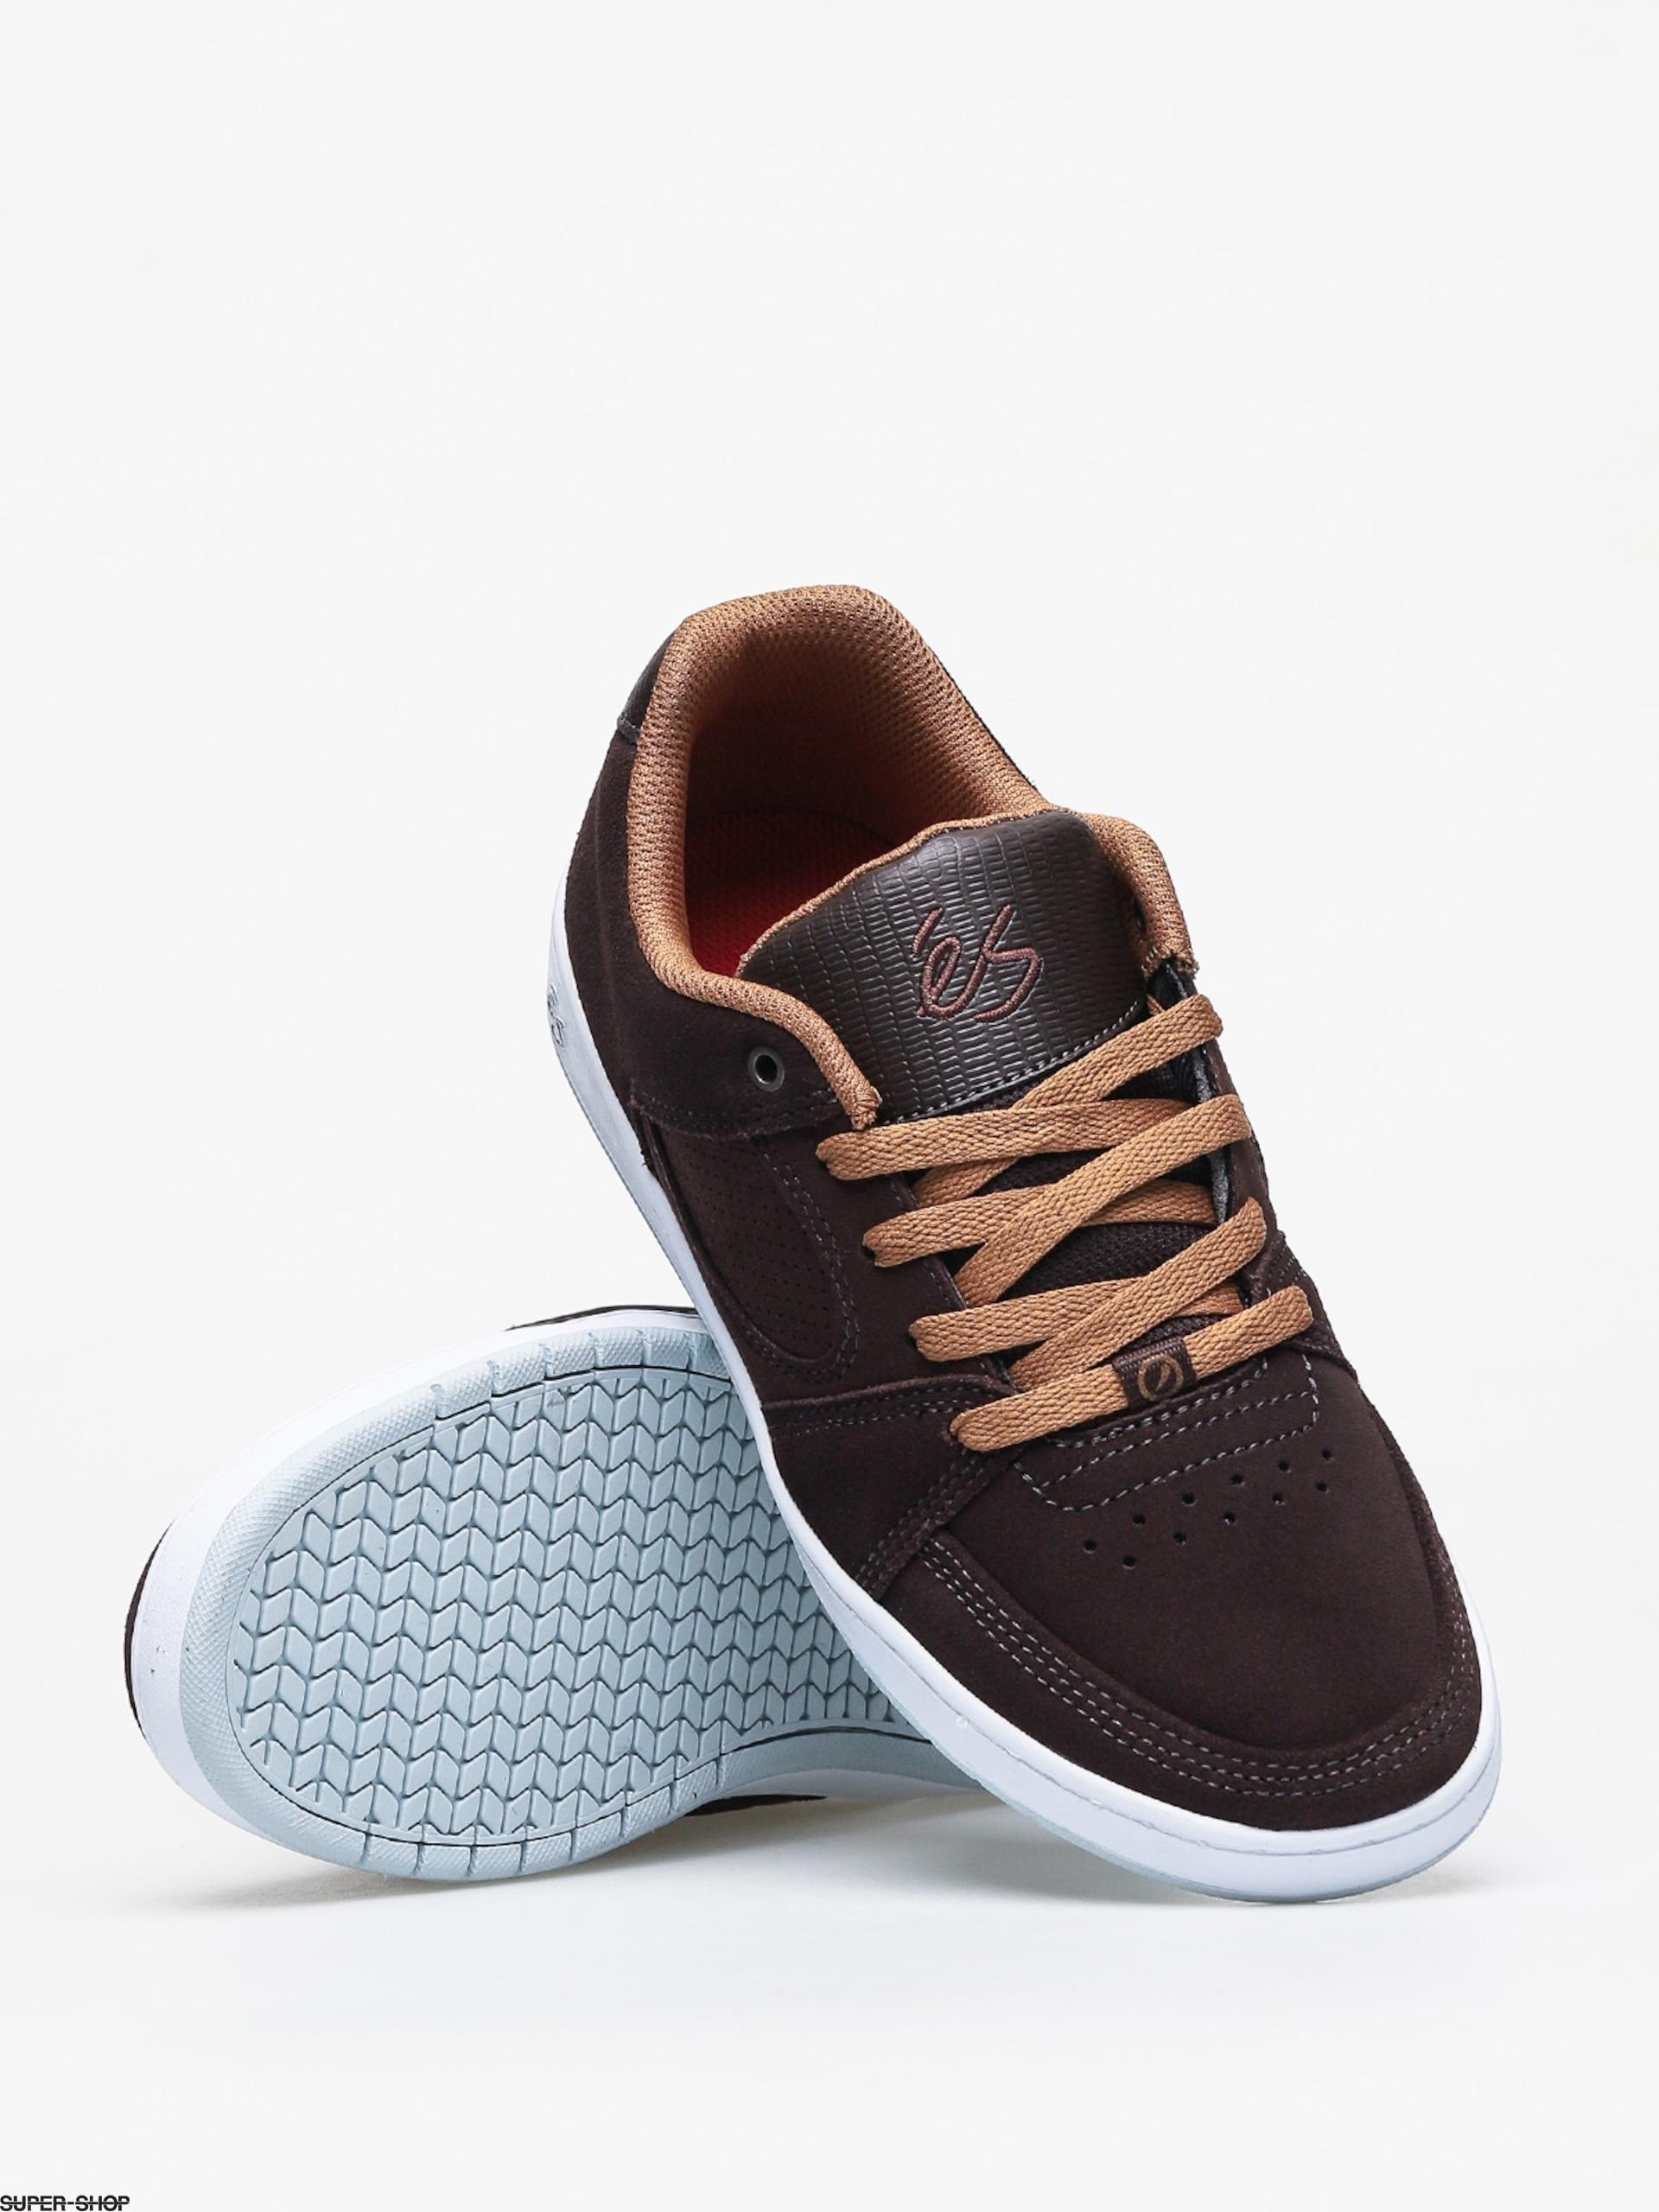 Es Accel Slim Shoes (brown/blue)